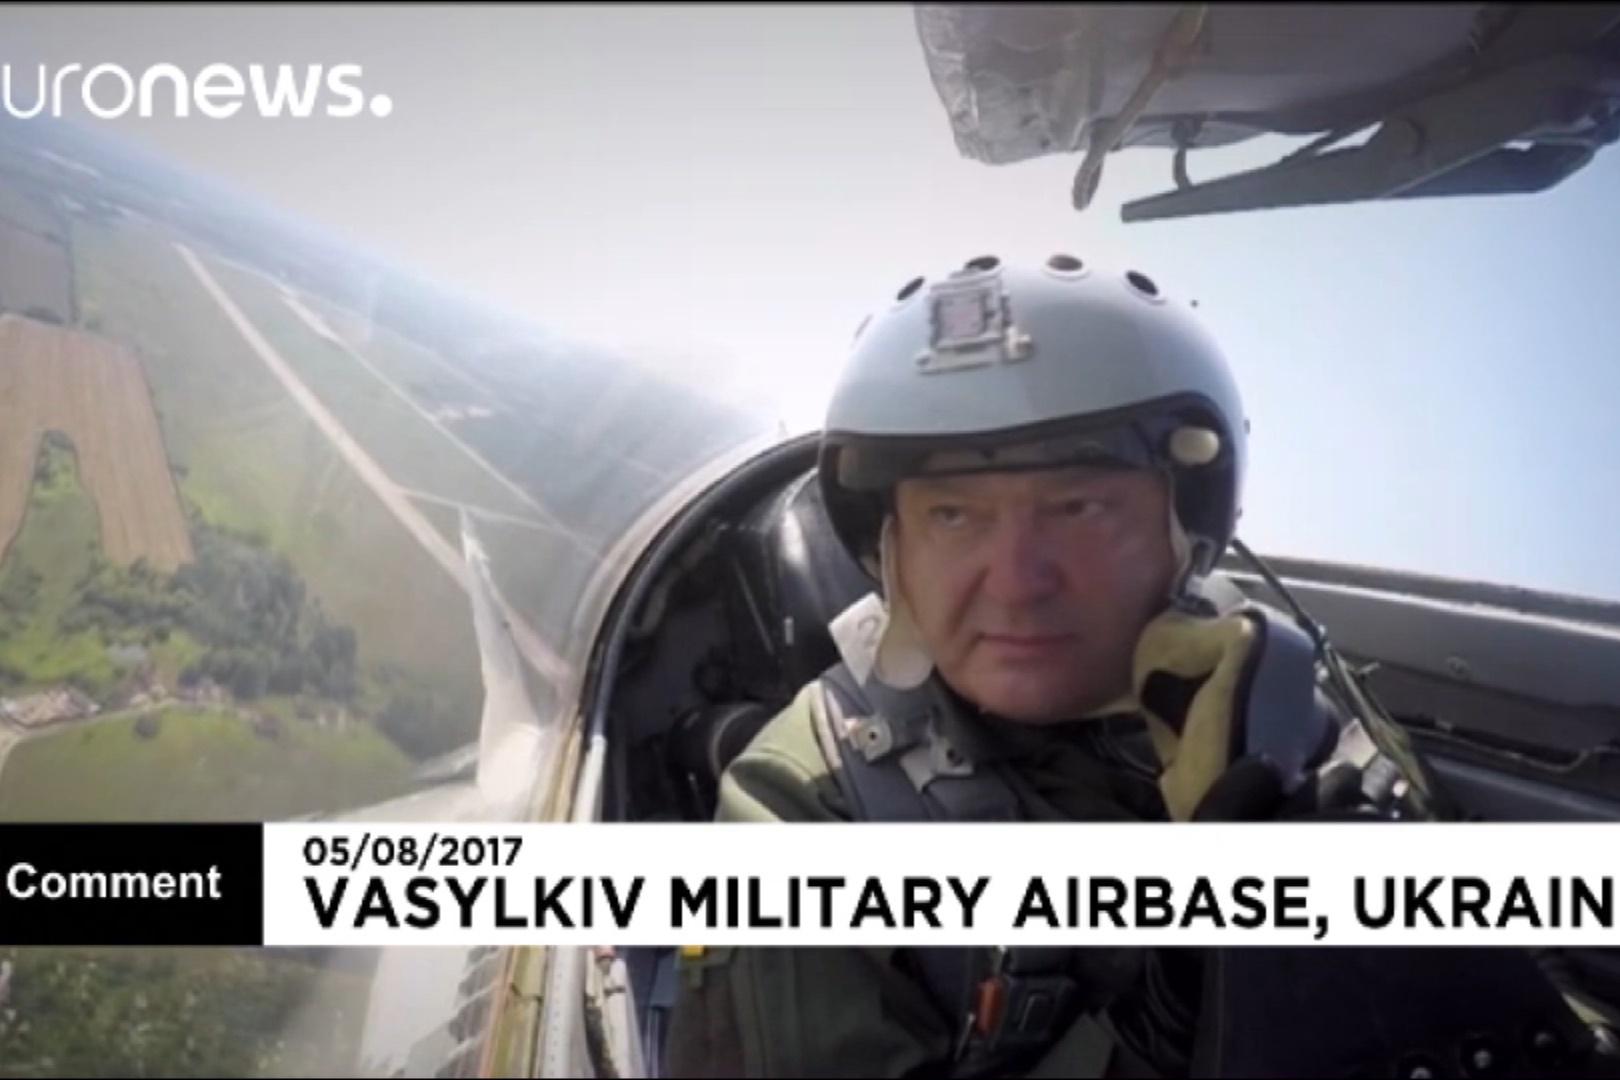 فیلم | پرواز رئیس جمهور اوکراین با جت جنگی در روز نیروی هوایی